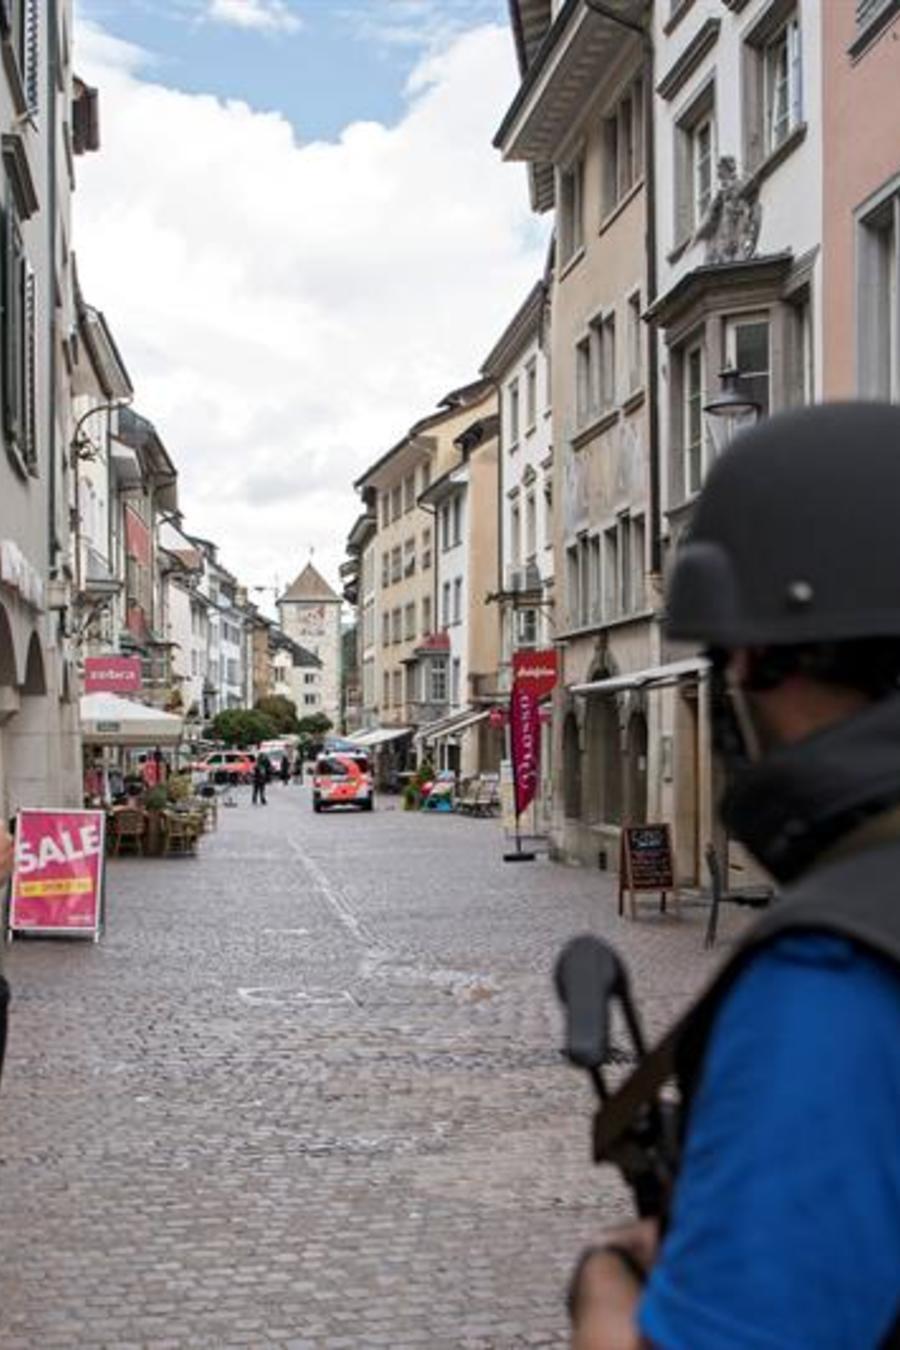 La policía cierra el casco antiguo de Schaffhausen a la espera de encontrar a un hombre no identificado, en Schaffhausen, Suiza.